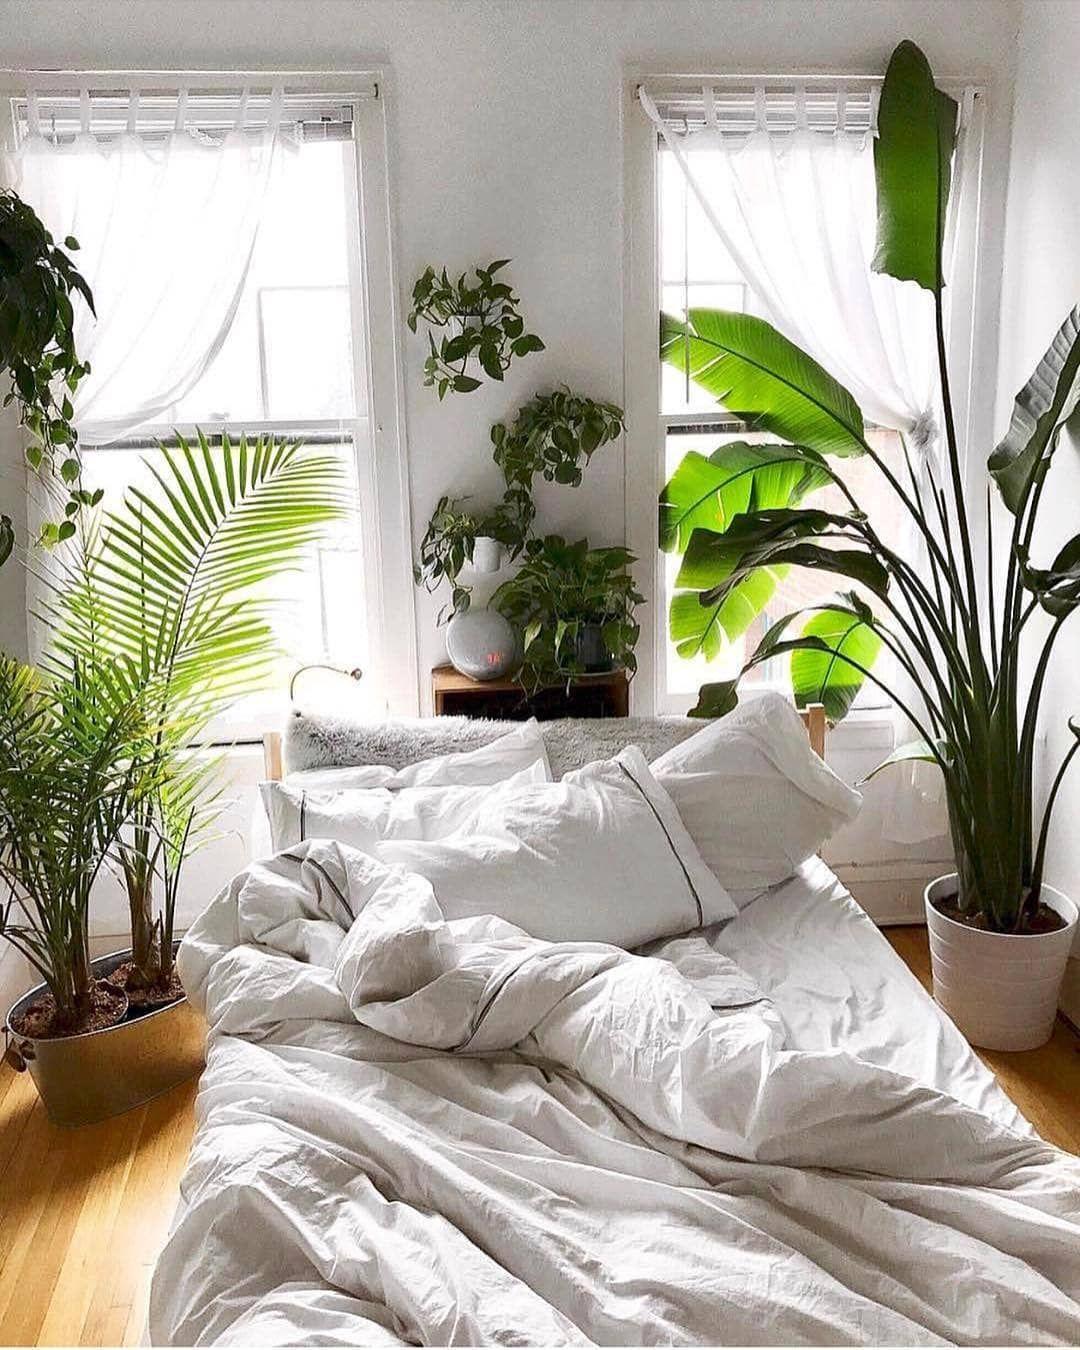 """Photo of Pflanzenfreude.de su Instagram: """"P F L A N Z E N V E R G NÜ G E N // 😍 🌿 Che posto meraviglioso per svegliarti – @helloplantlady ha fatto tutto bene! …"""""""